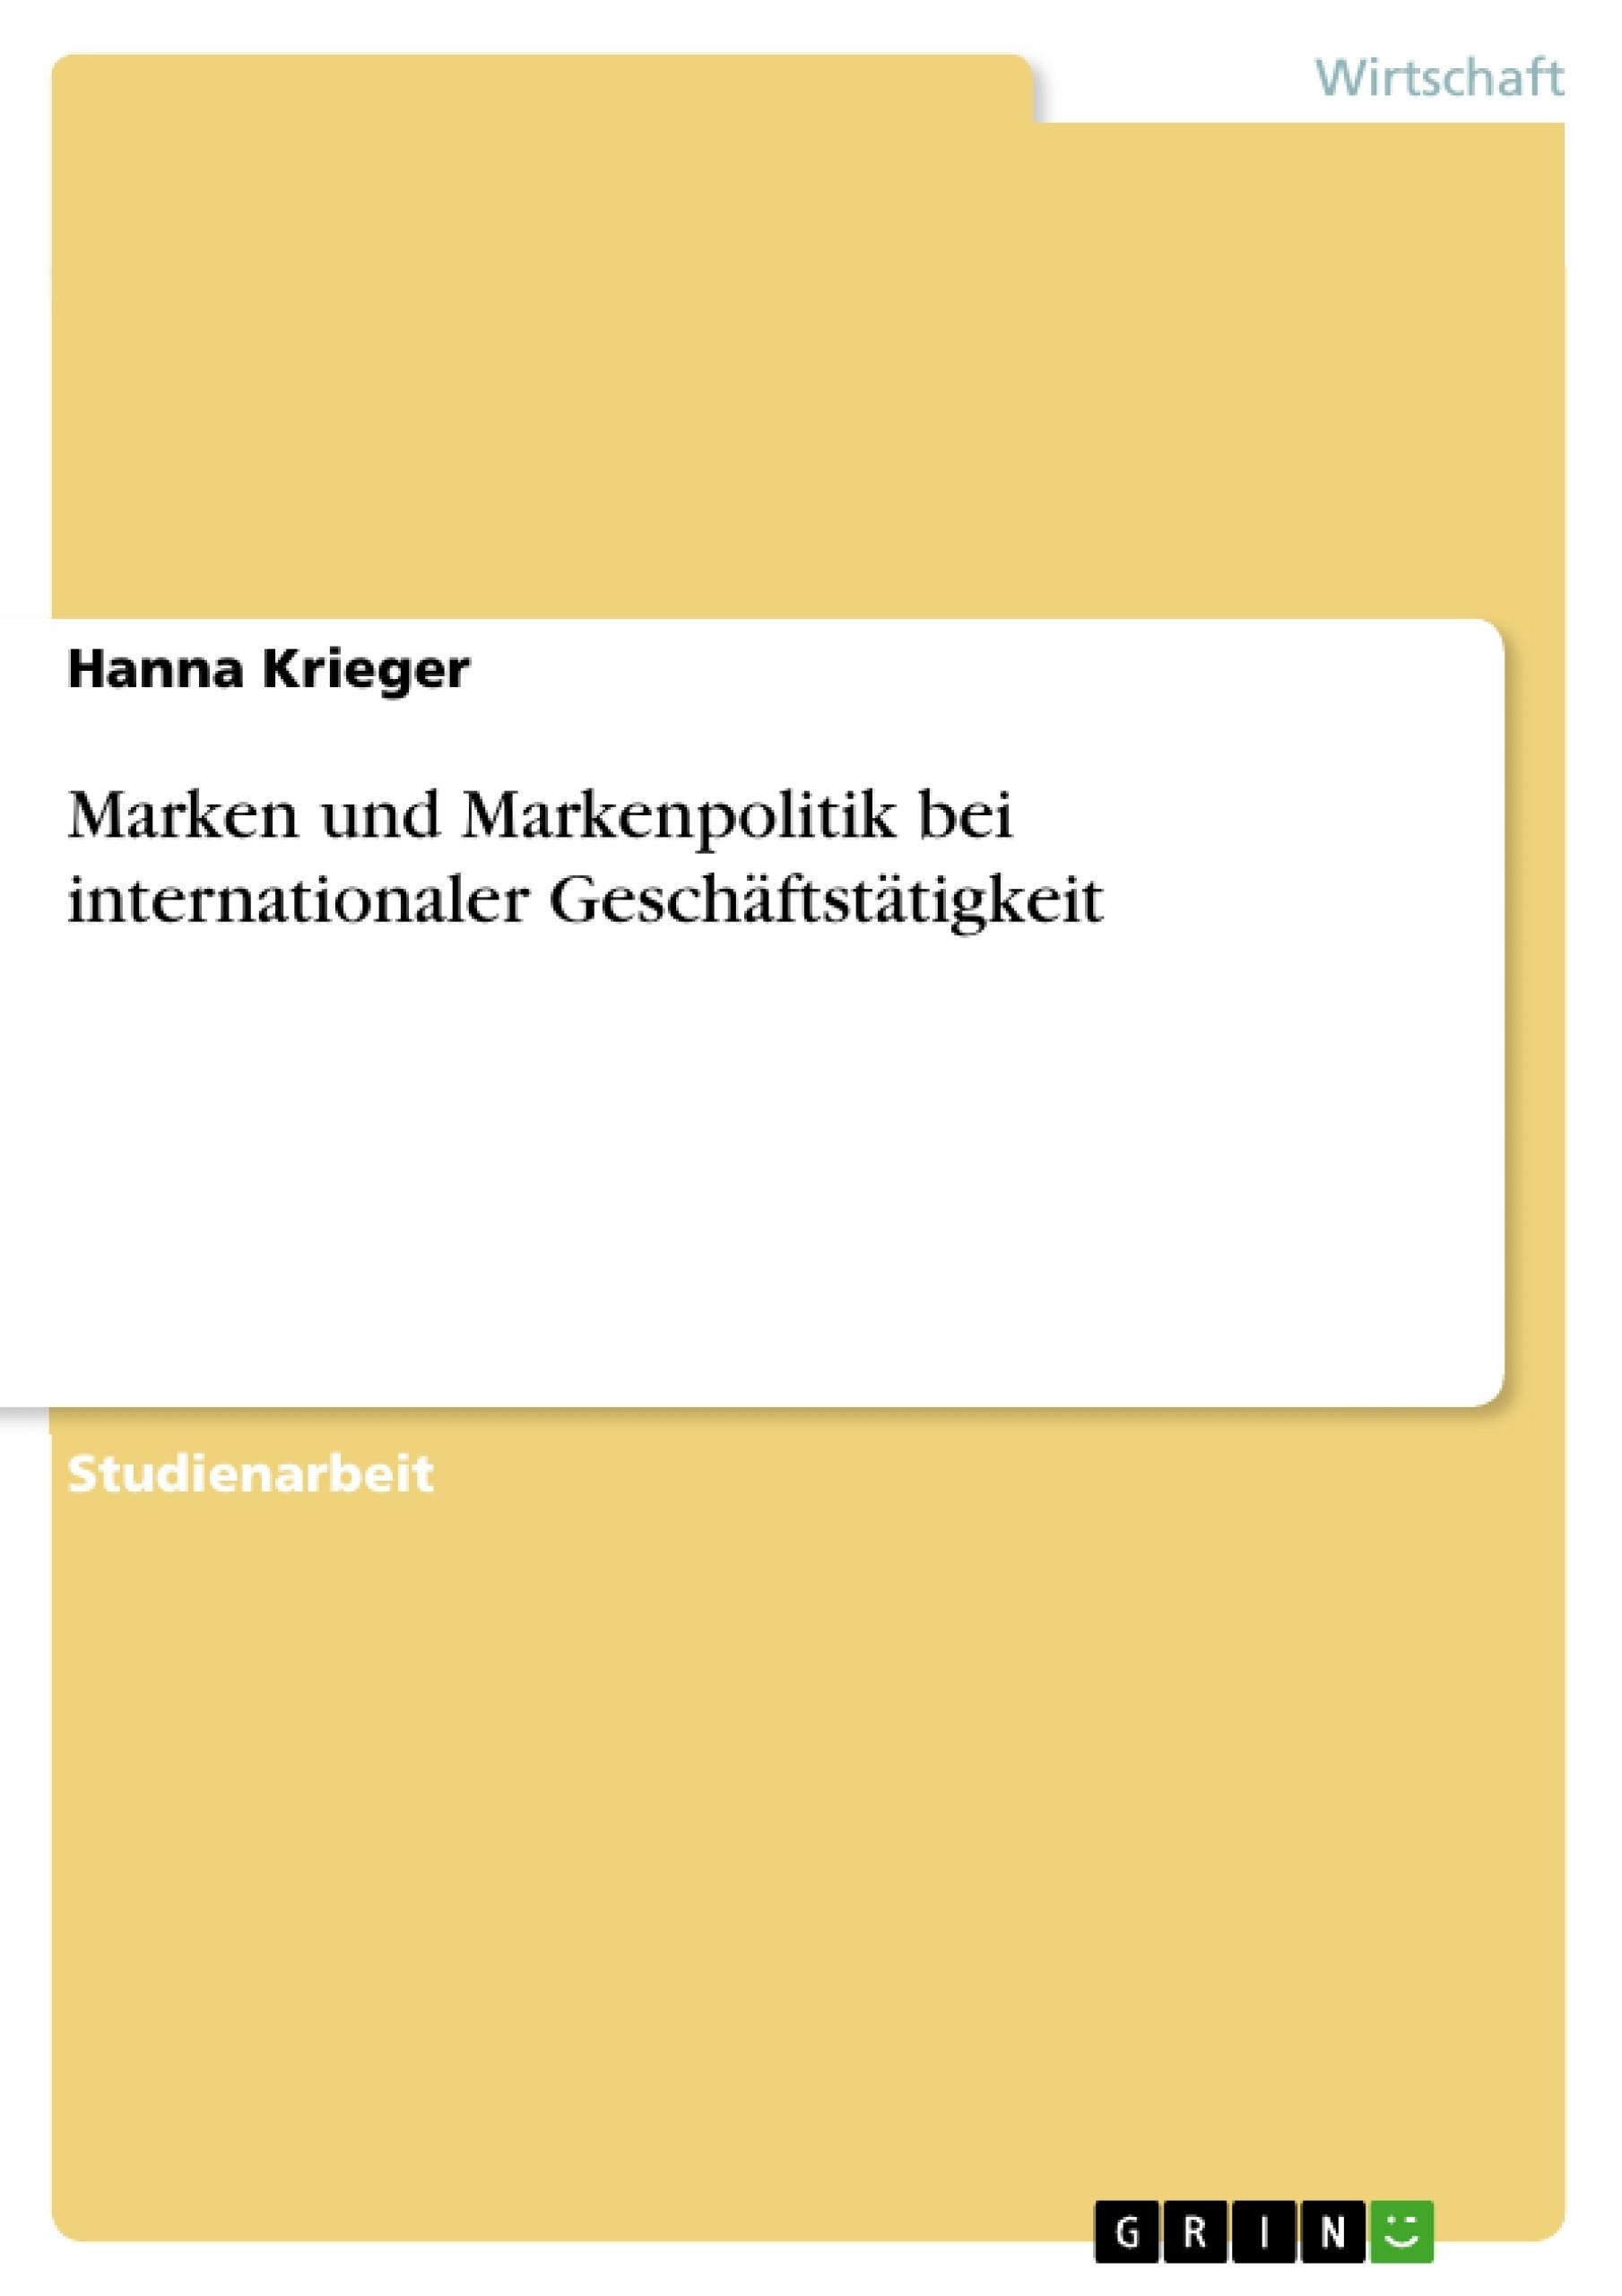 Titel: Marken und Markenpolitik bei internationaler Geschäftstätigkeit